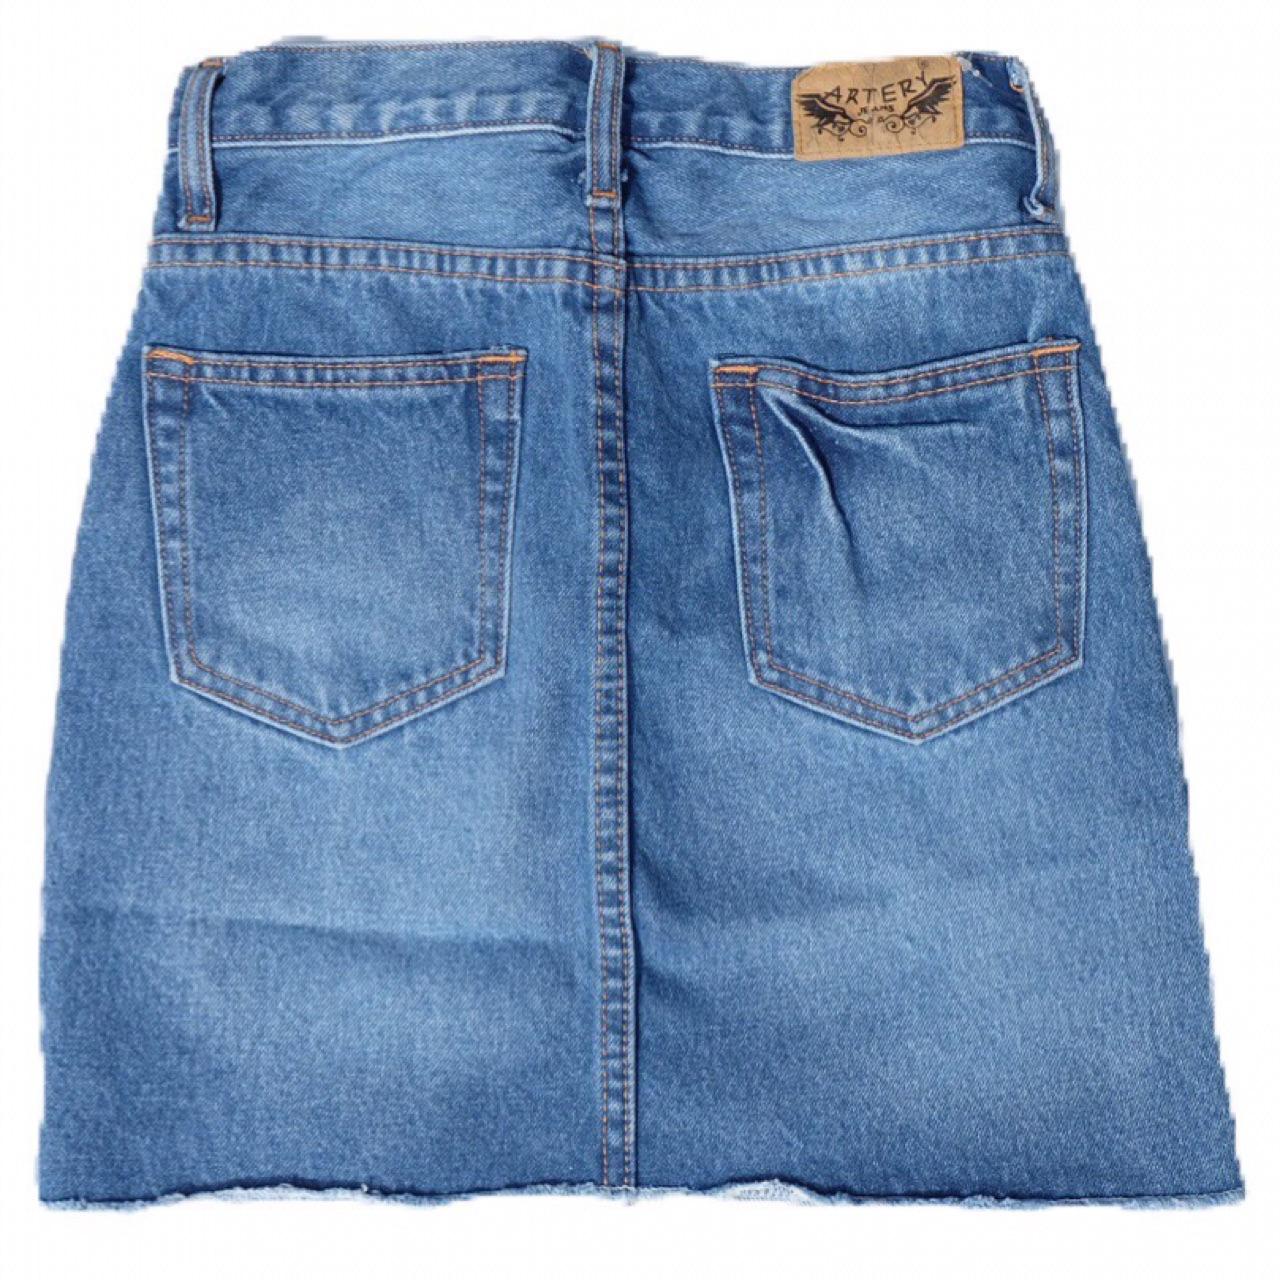 กางเกง,กางเกงผู้หญิง,กางเกงขาสั้น,กางเกงยีนส์,กางเกงยีนส์ขาสั้น,กางเกงผู้หญิงขาสั้น,กางเกงขาสั้นผู้หญิง,กระโปรงยีนส์